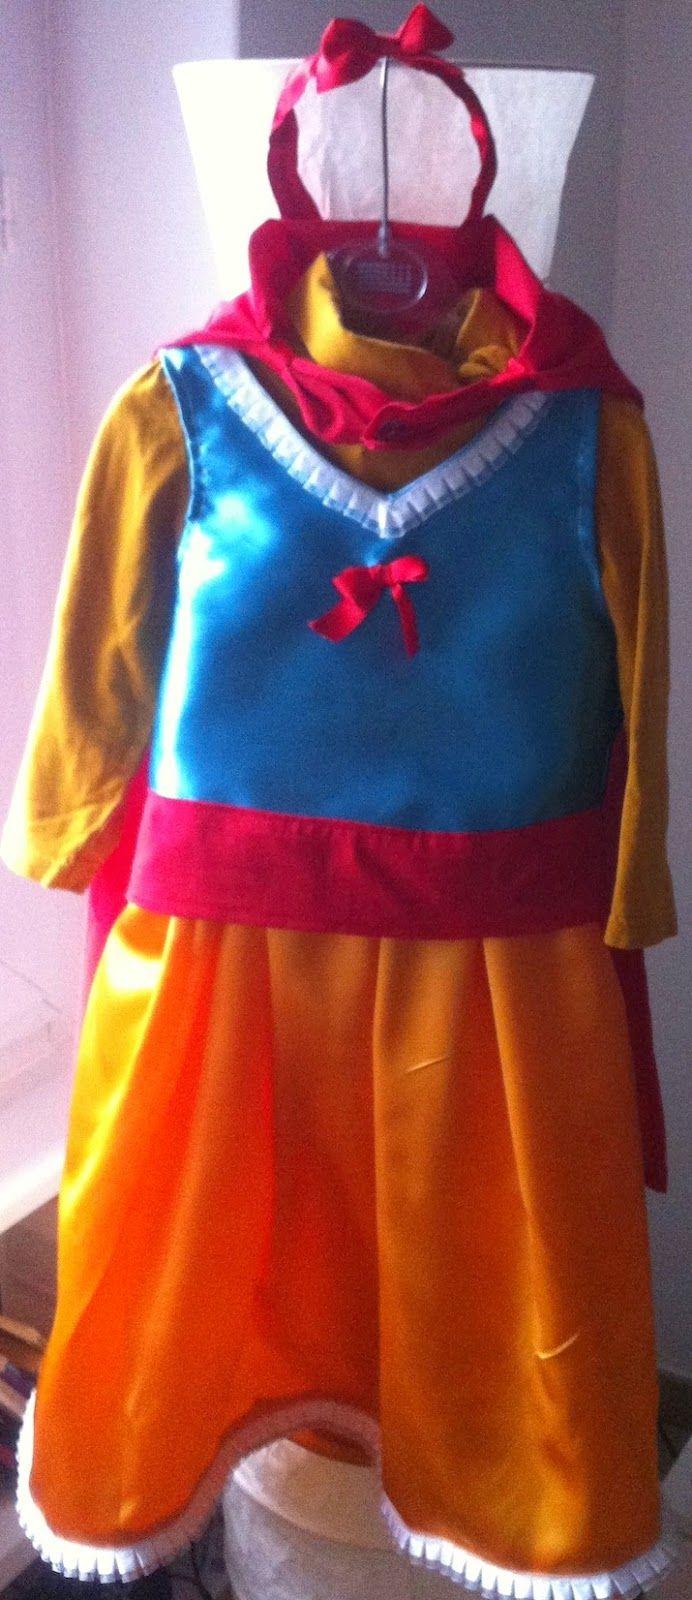 4fb934bf7fb1 Mangia Leggi Crea: Carnevale: vestito di Biancaneve fai da te facile ...